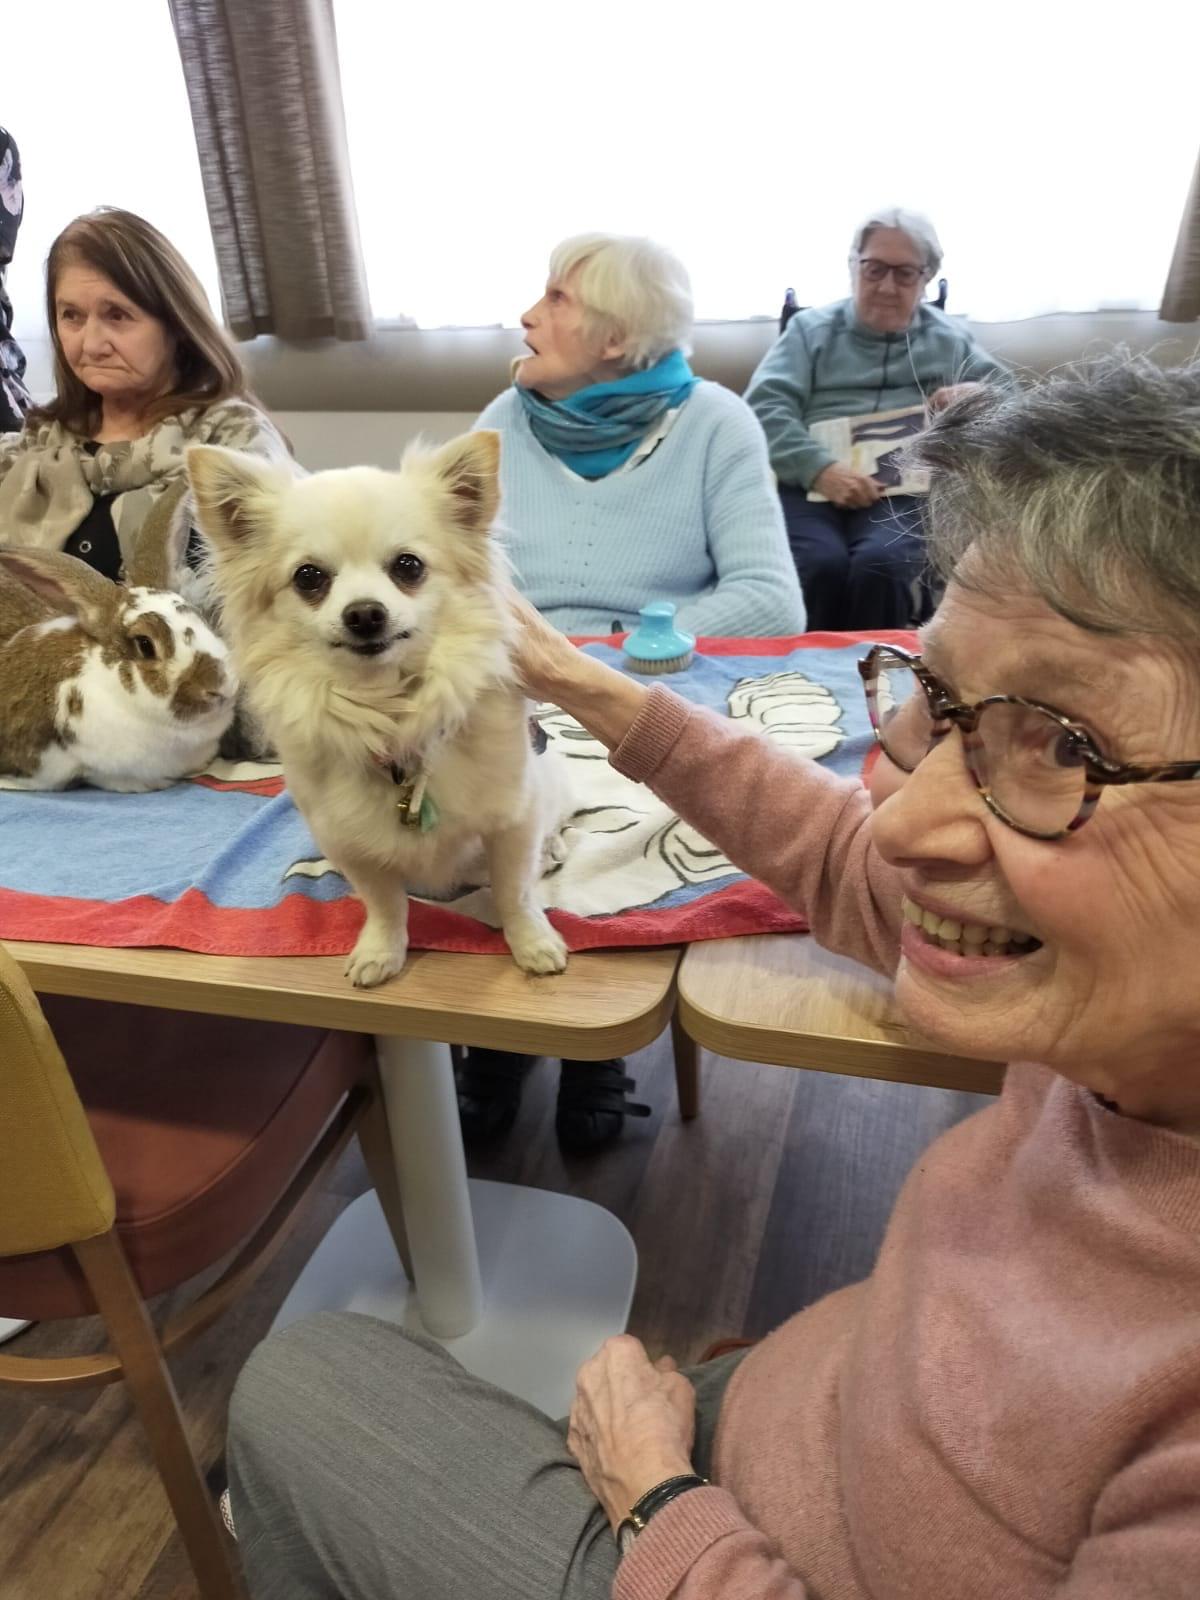 Chihuaha qui fait sourire une personne âgée